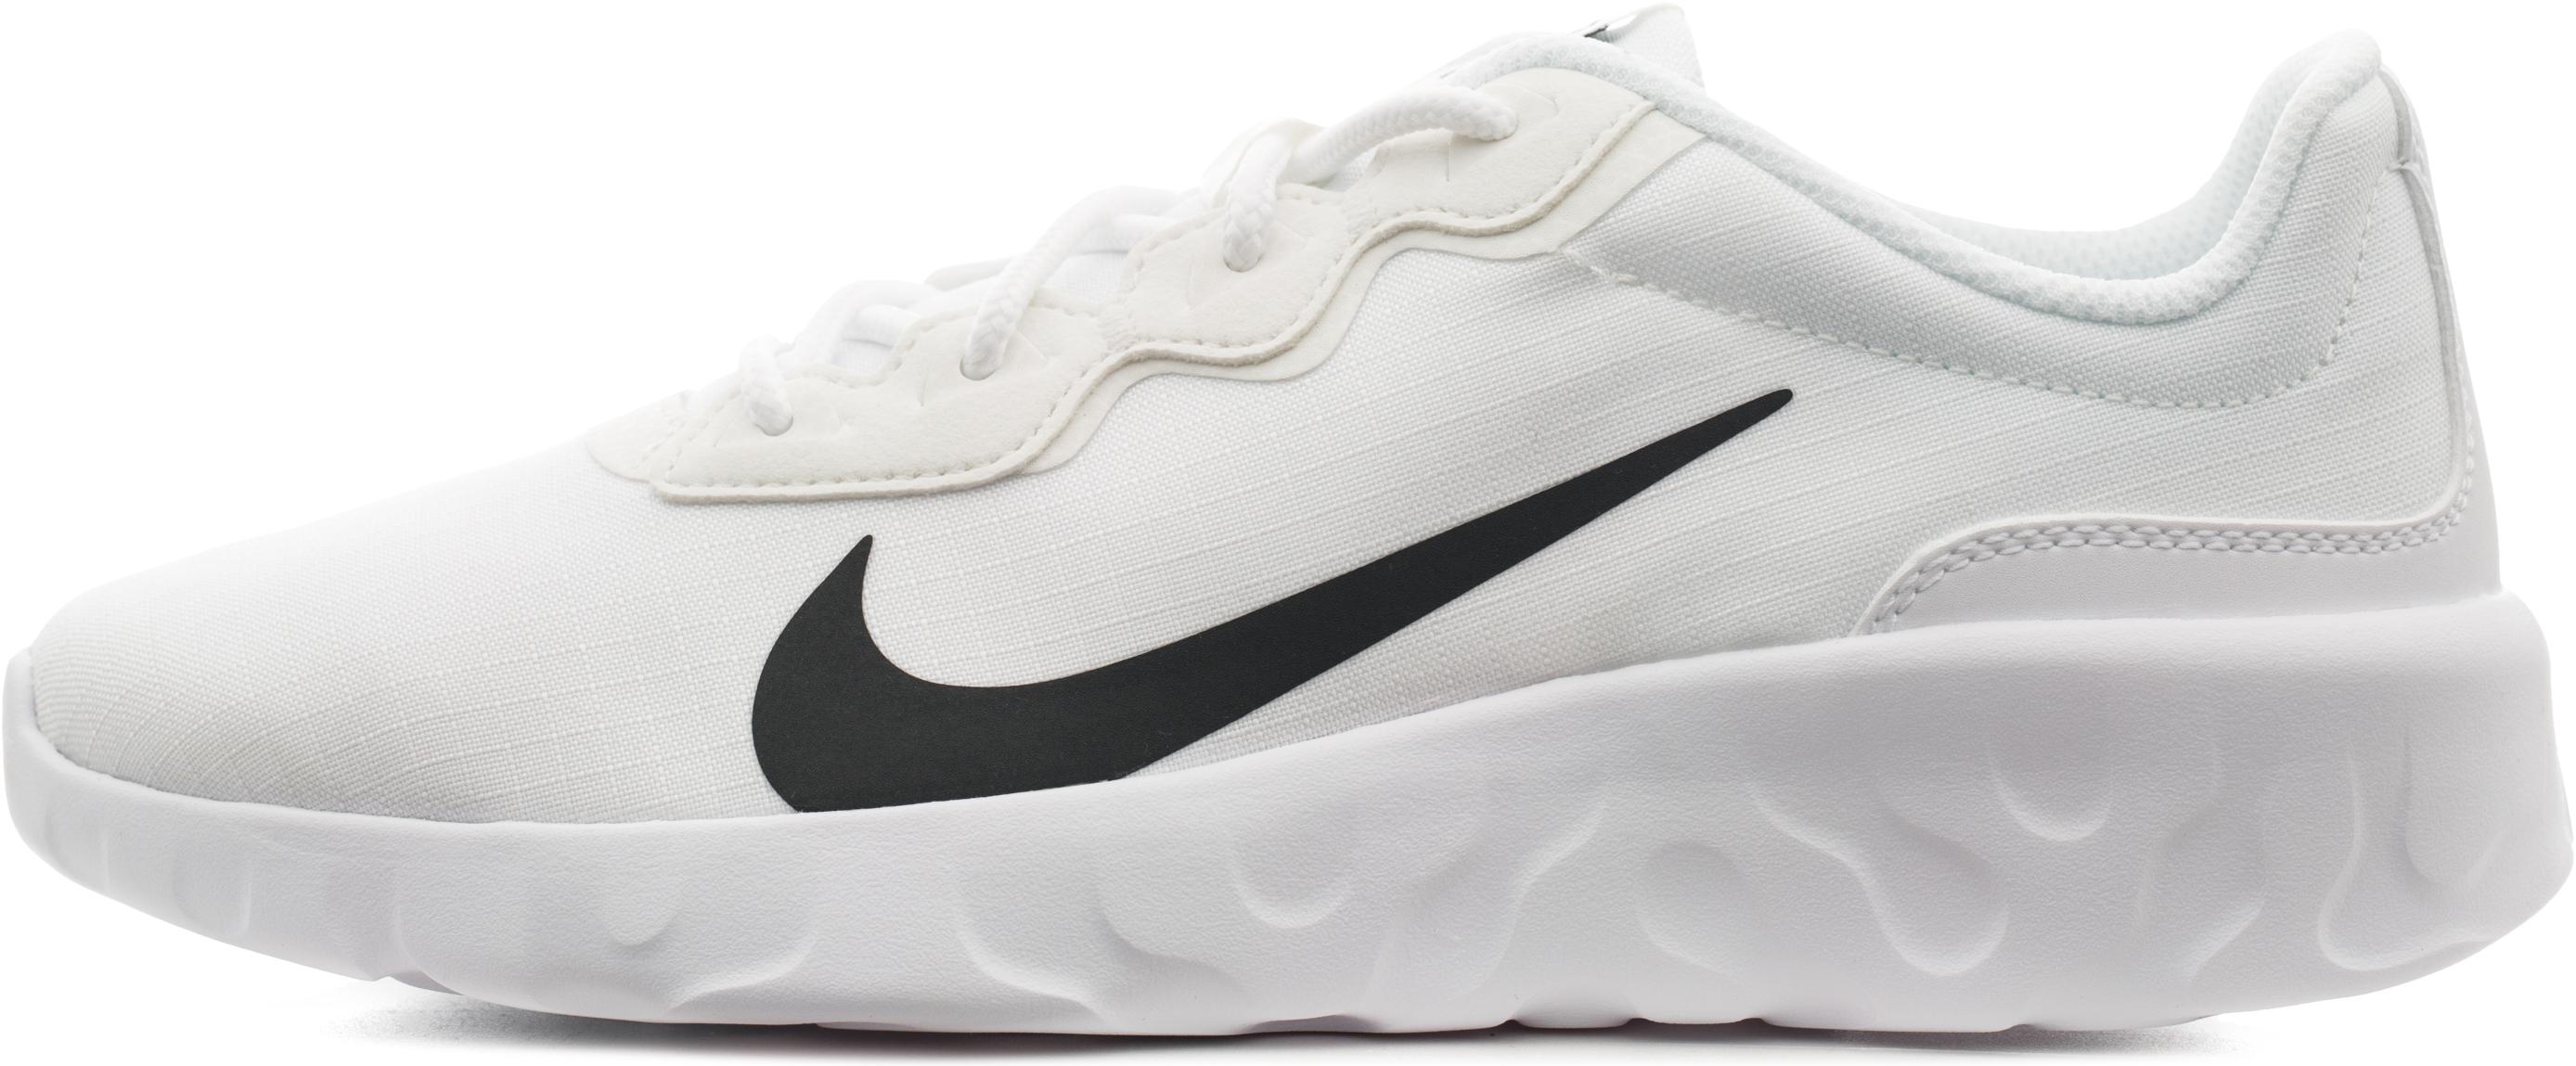 Nike Кроссовки женские Nike Explore Strada, размер 39 недорго, оригинальная цена